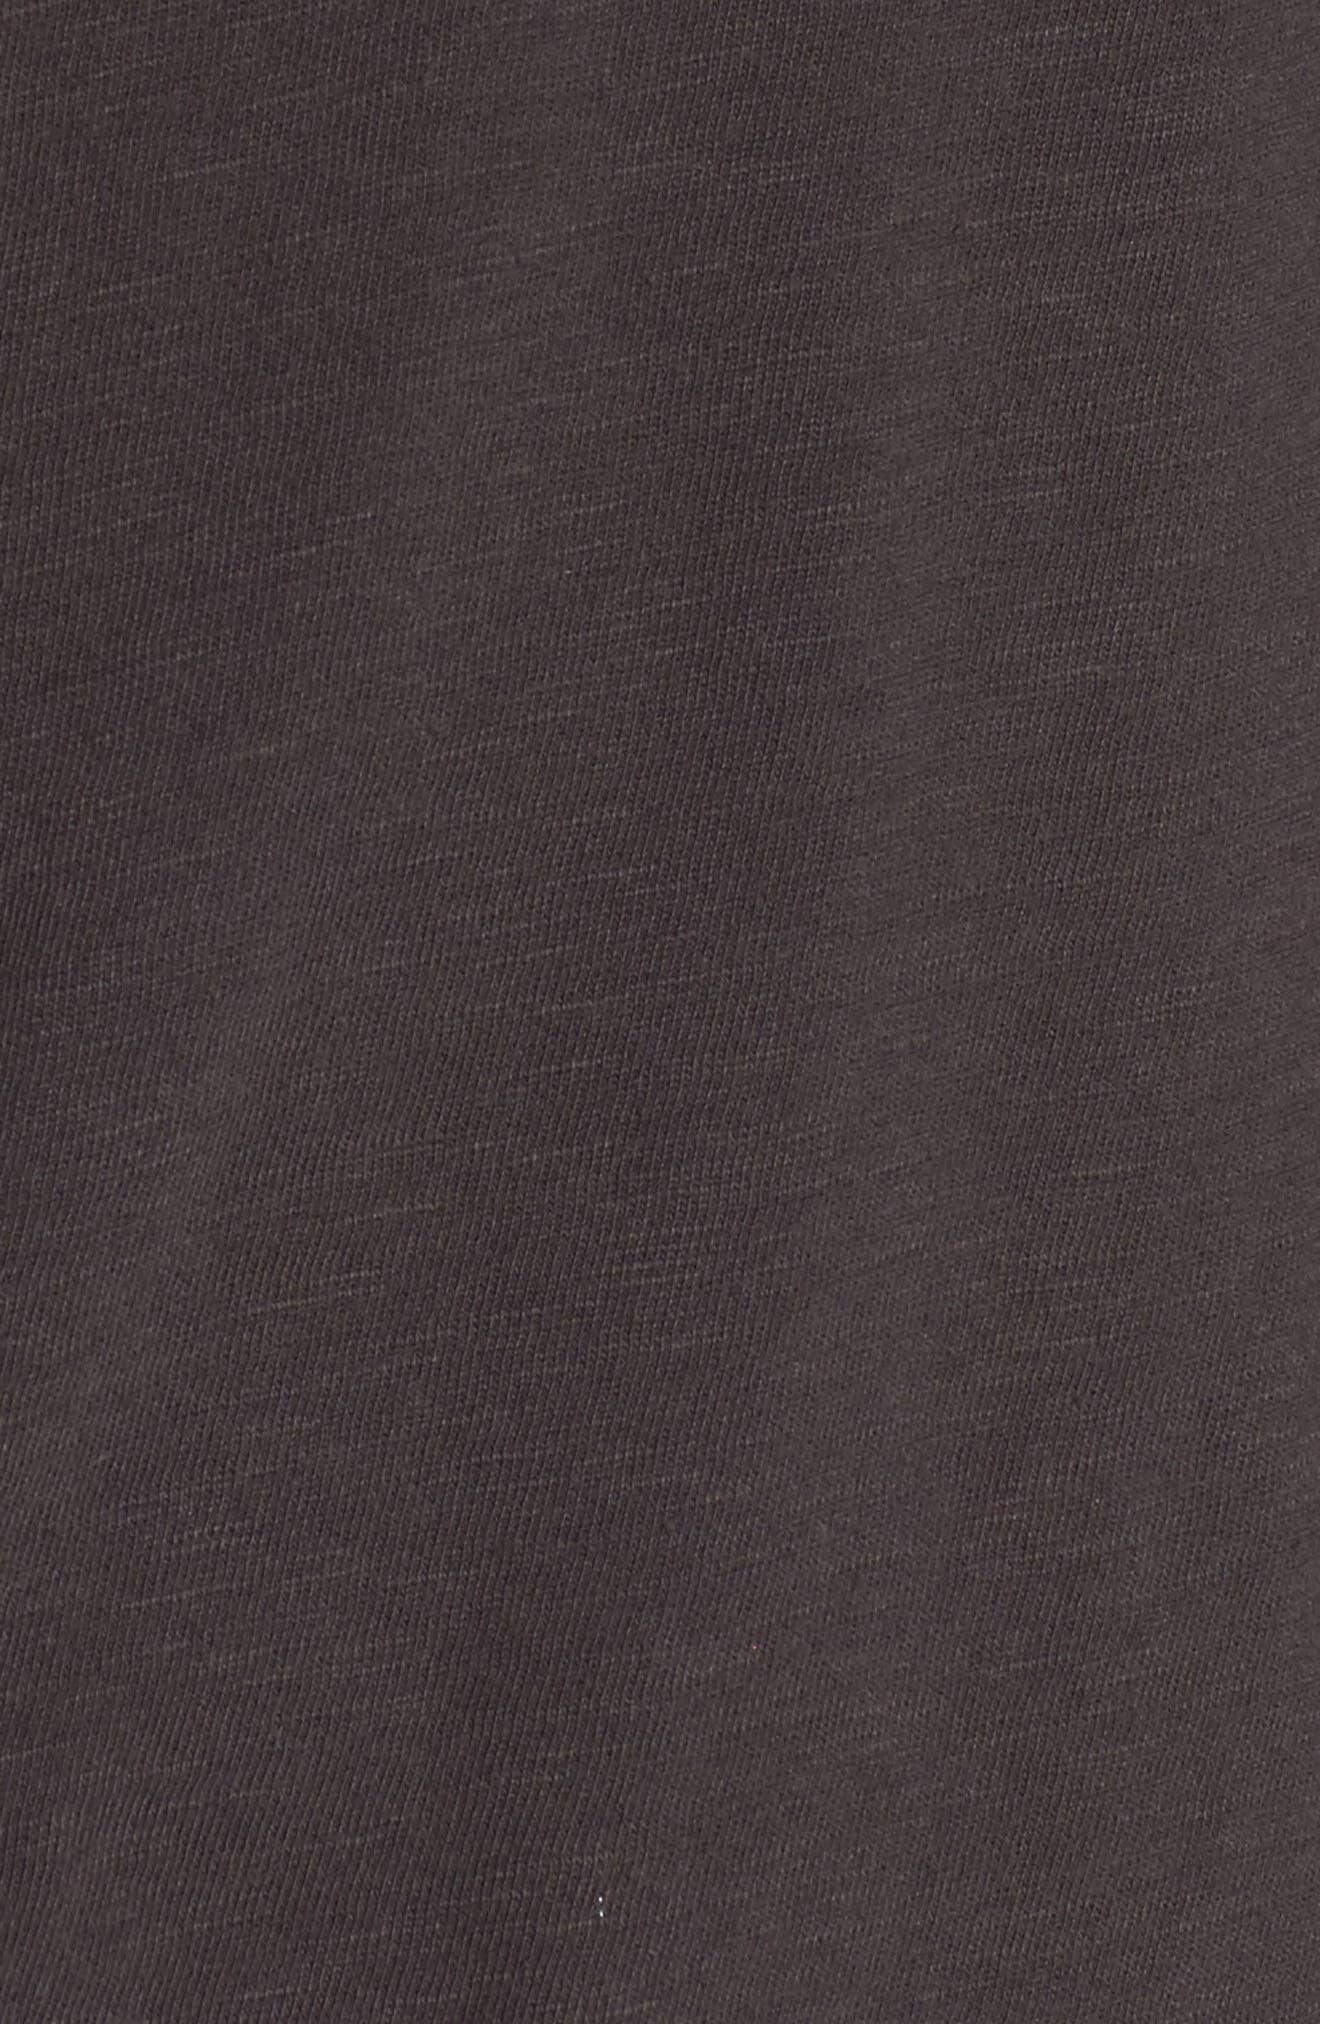 SPLENDID,                             Ruffle Slub Knit Tee,                             Alternate thumbnail 5, color,                             023